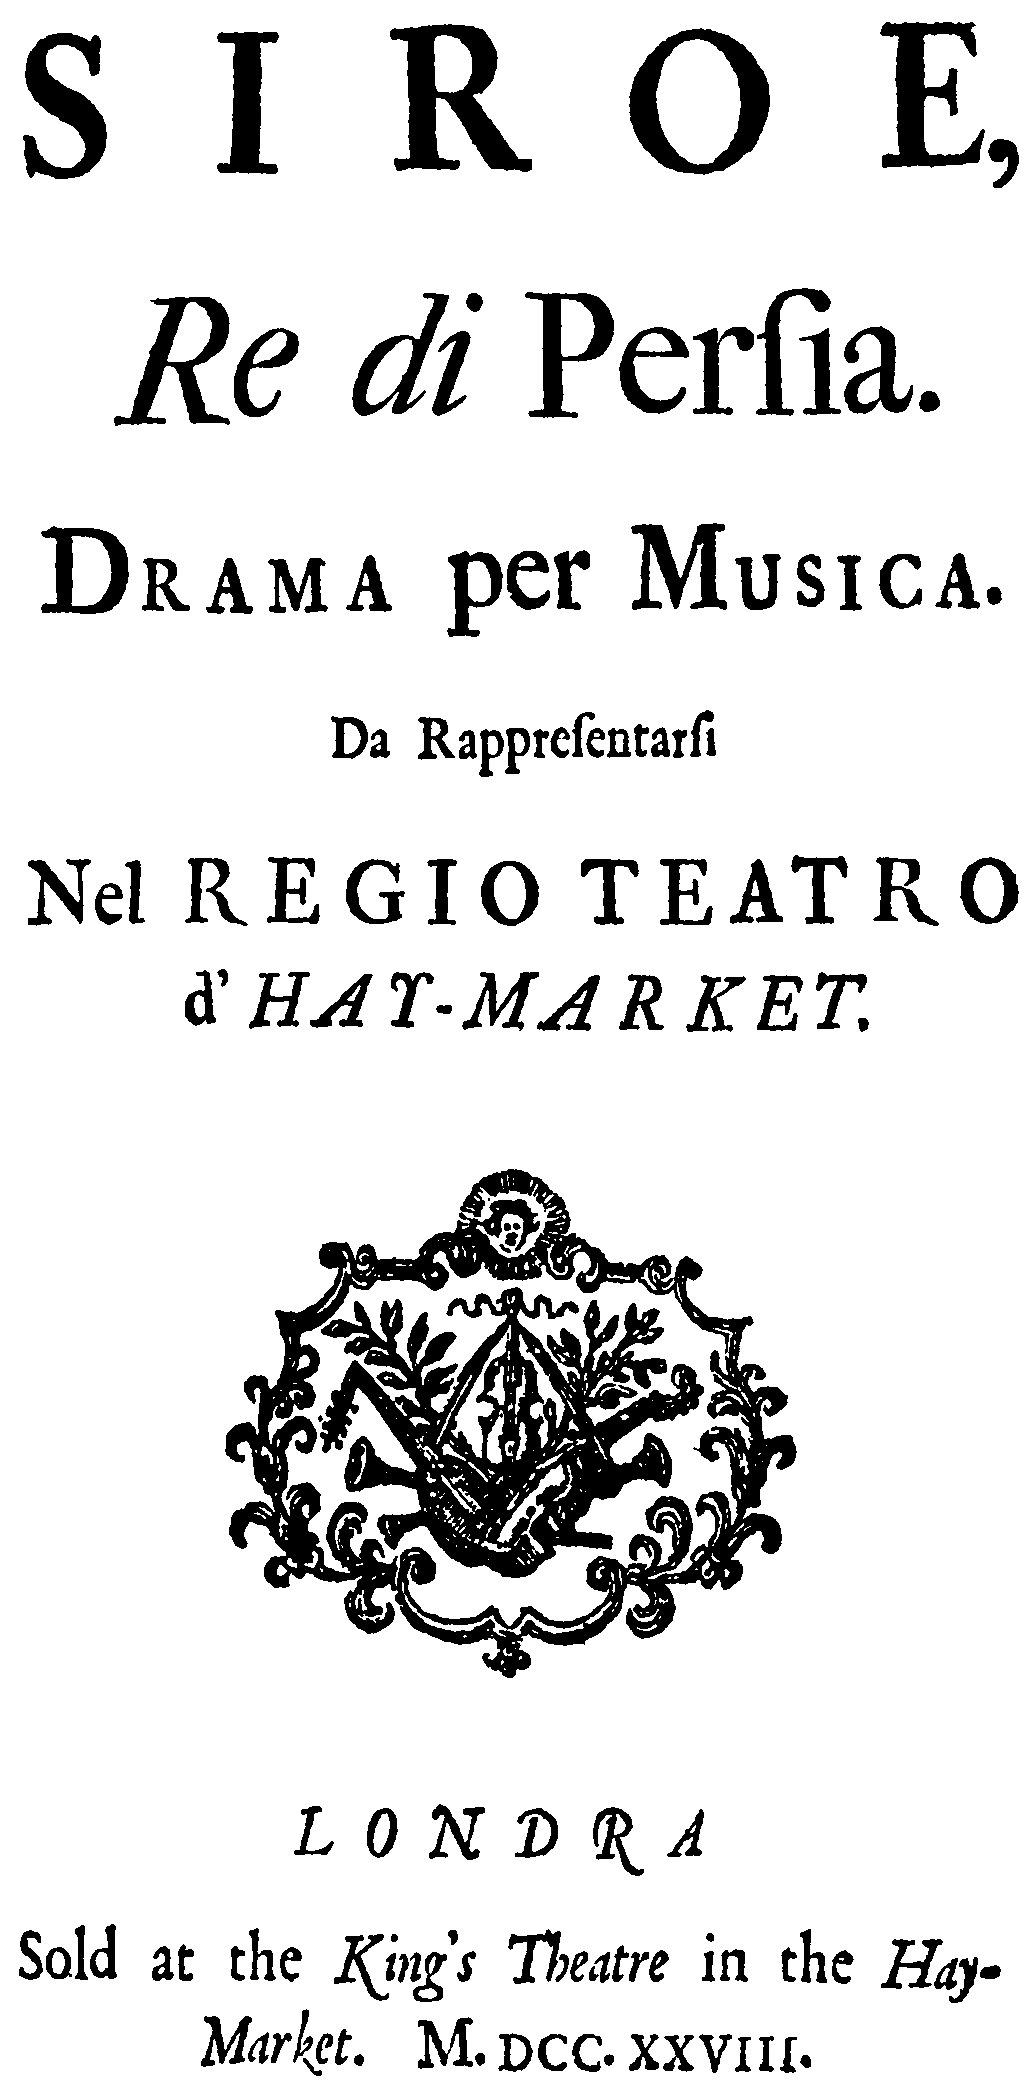 Siroe (Händel) – Wikipedia